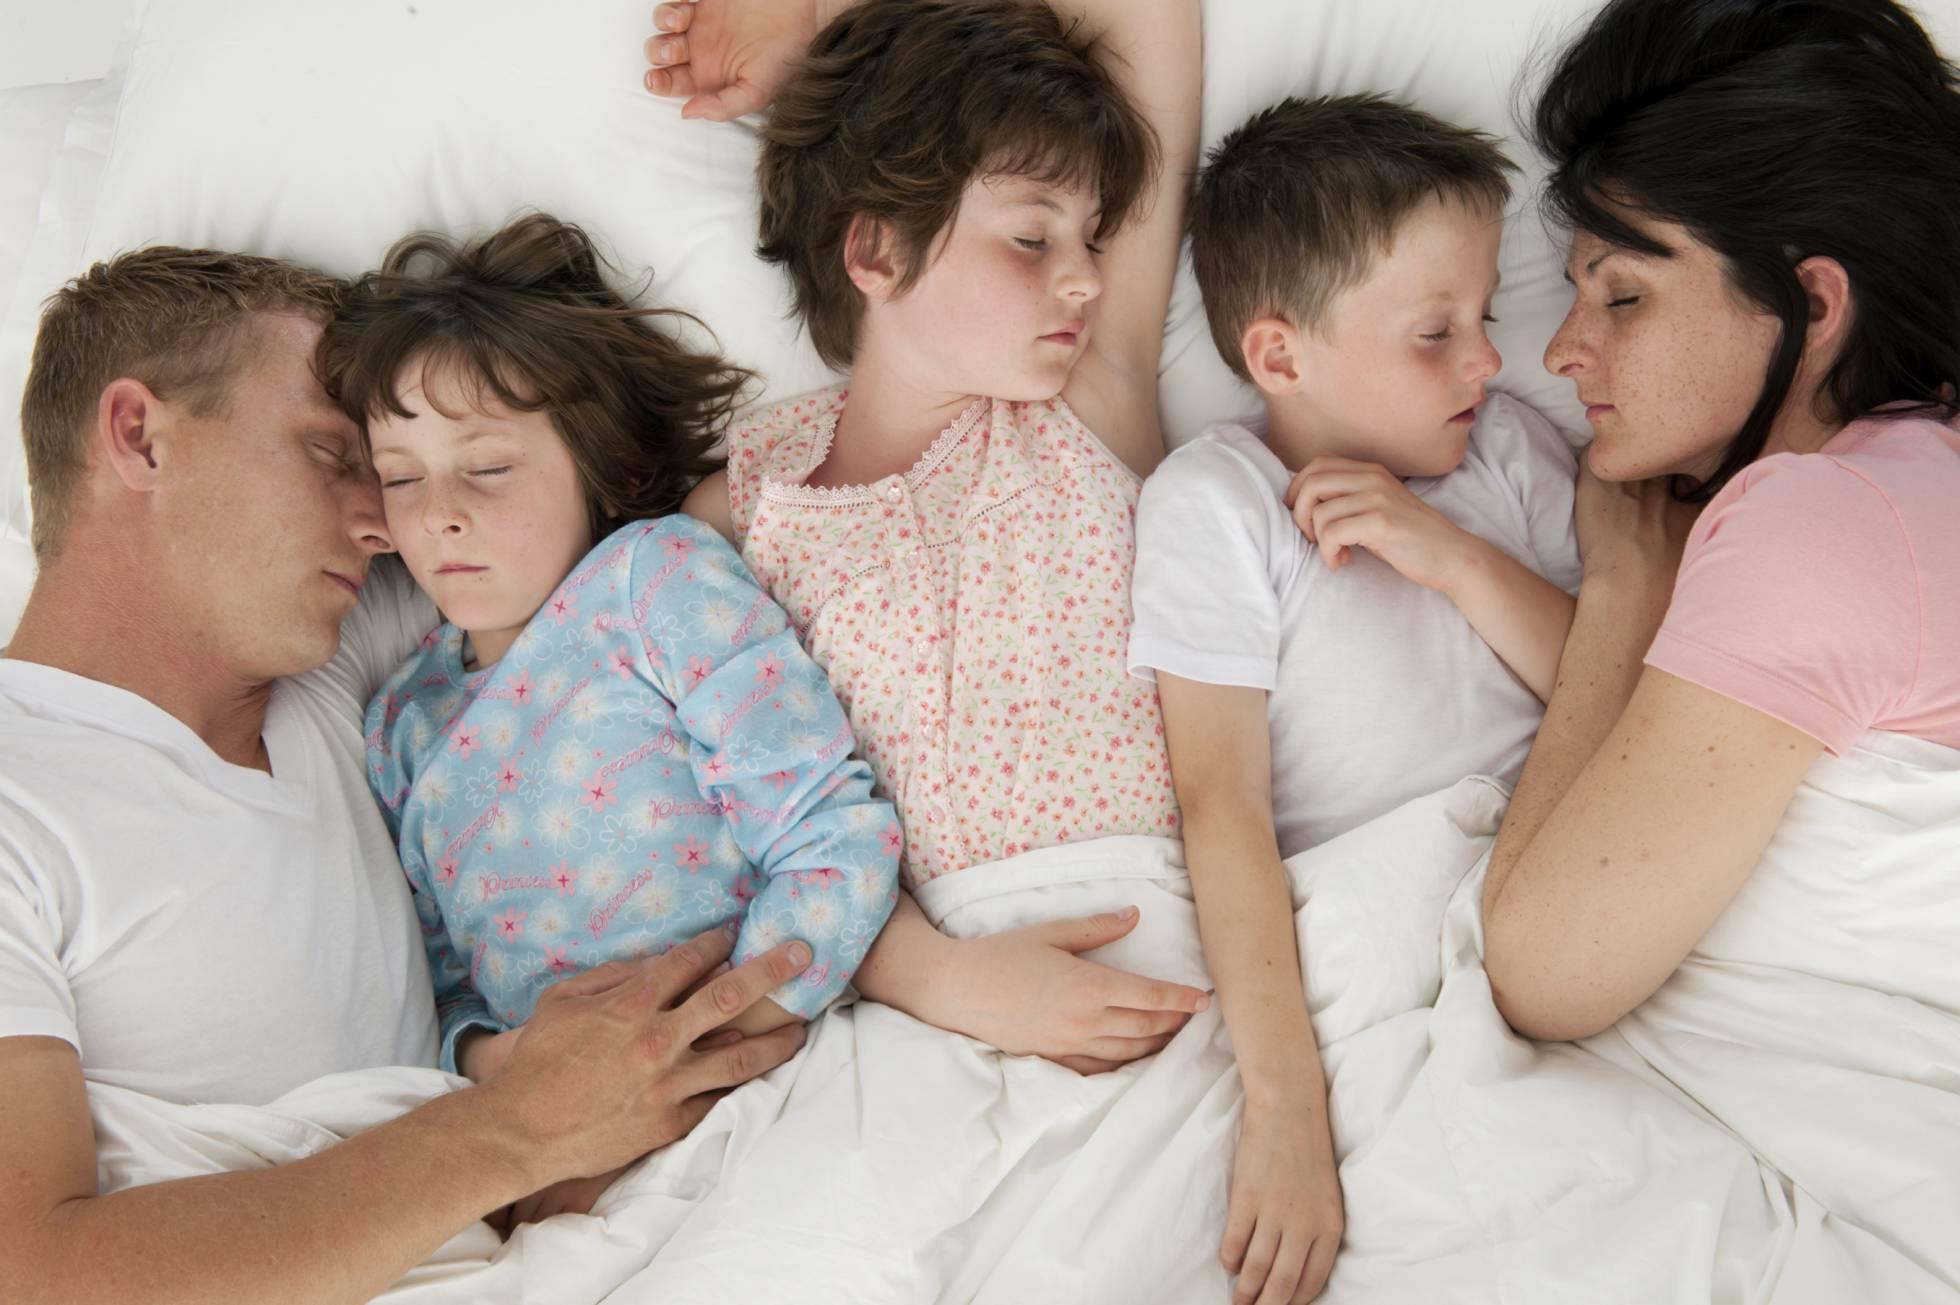 Сын и мать любовники в тайне от отца, Сын и мама в тайне о отца стали Любовниками 14 фотография